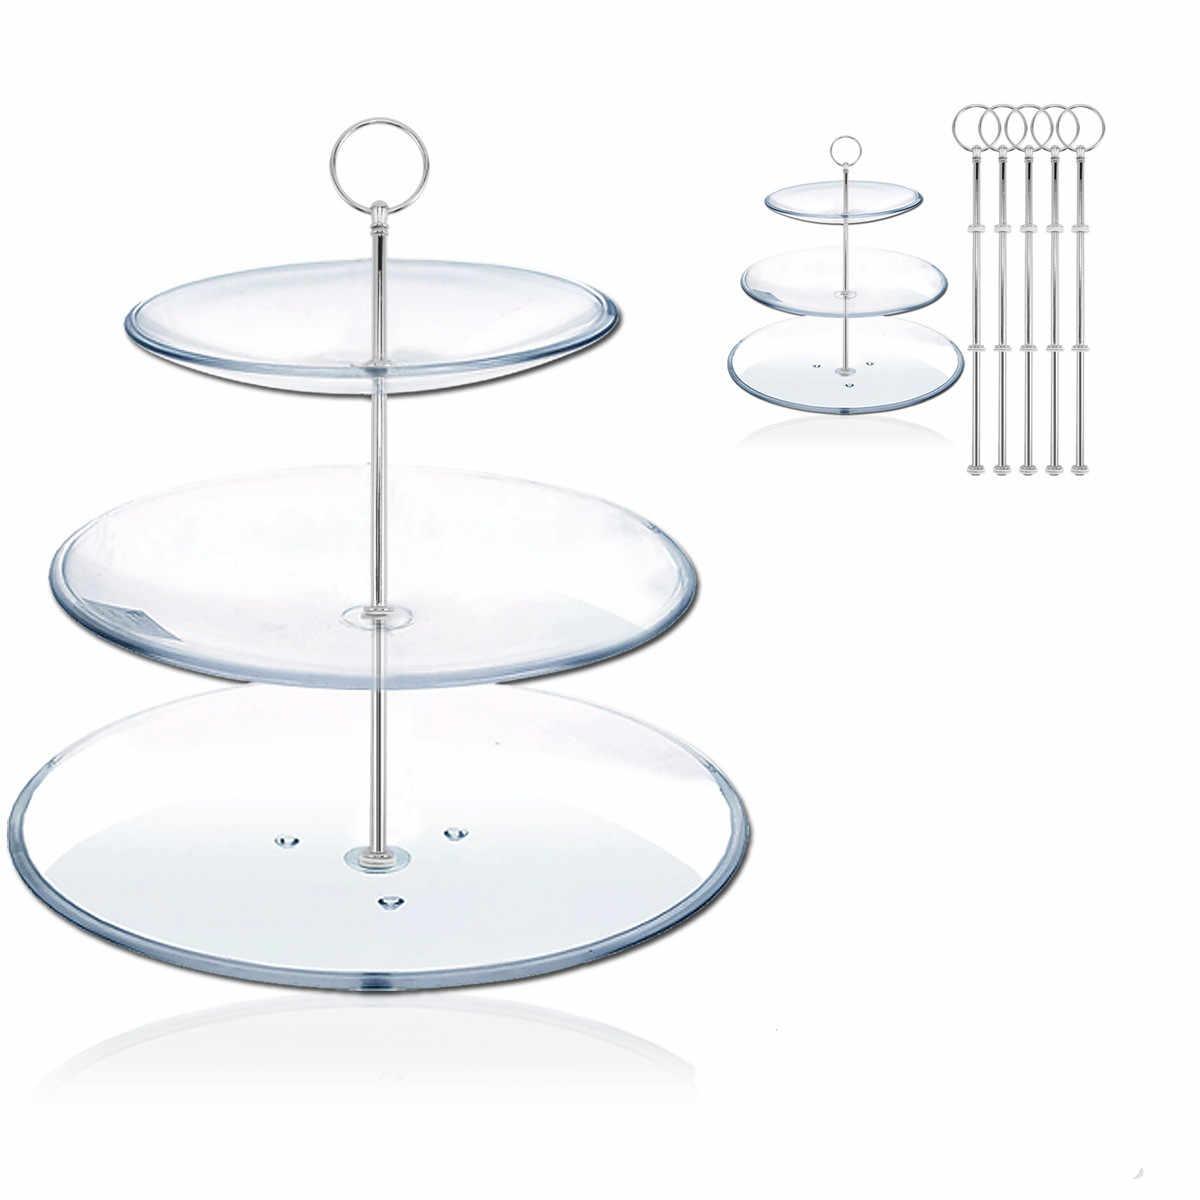 5pcs 3 Tiers Rotondo Impilati Partito Cupcake Stand Torta di Visualizzazione Supporto A File Cupcake Torre (Argento)